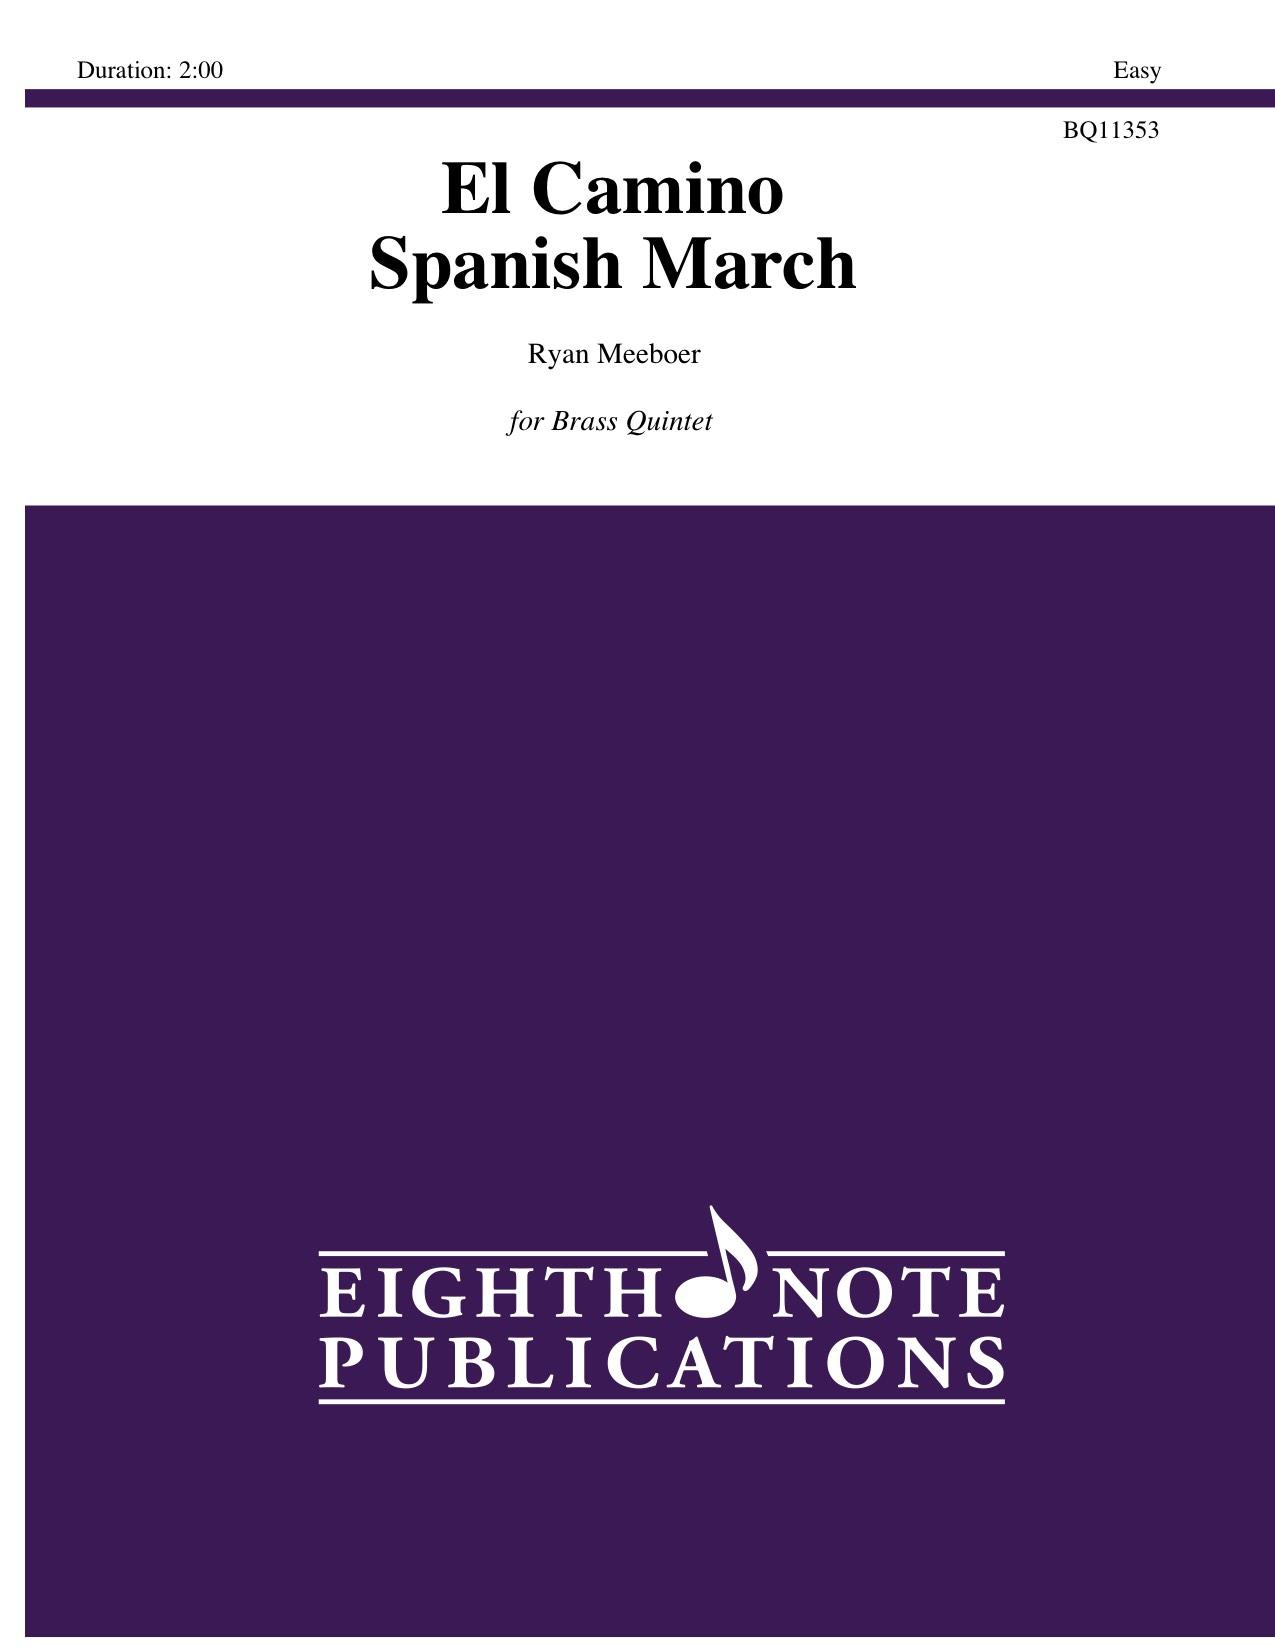 El Camino - Spanish March - Ryan Meeboer